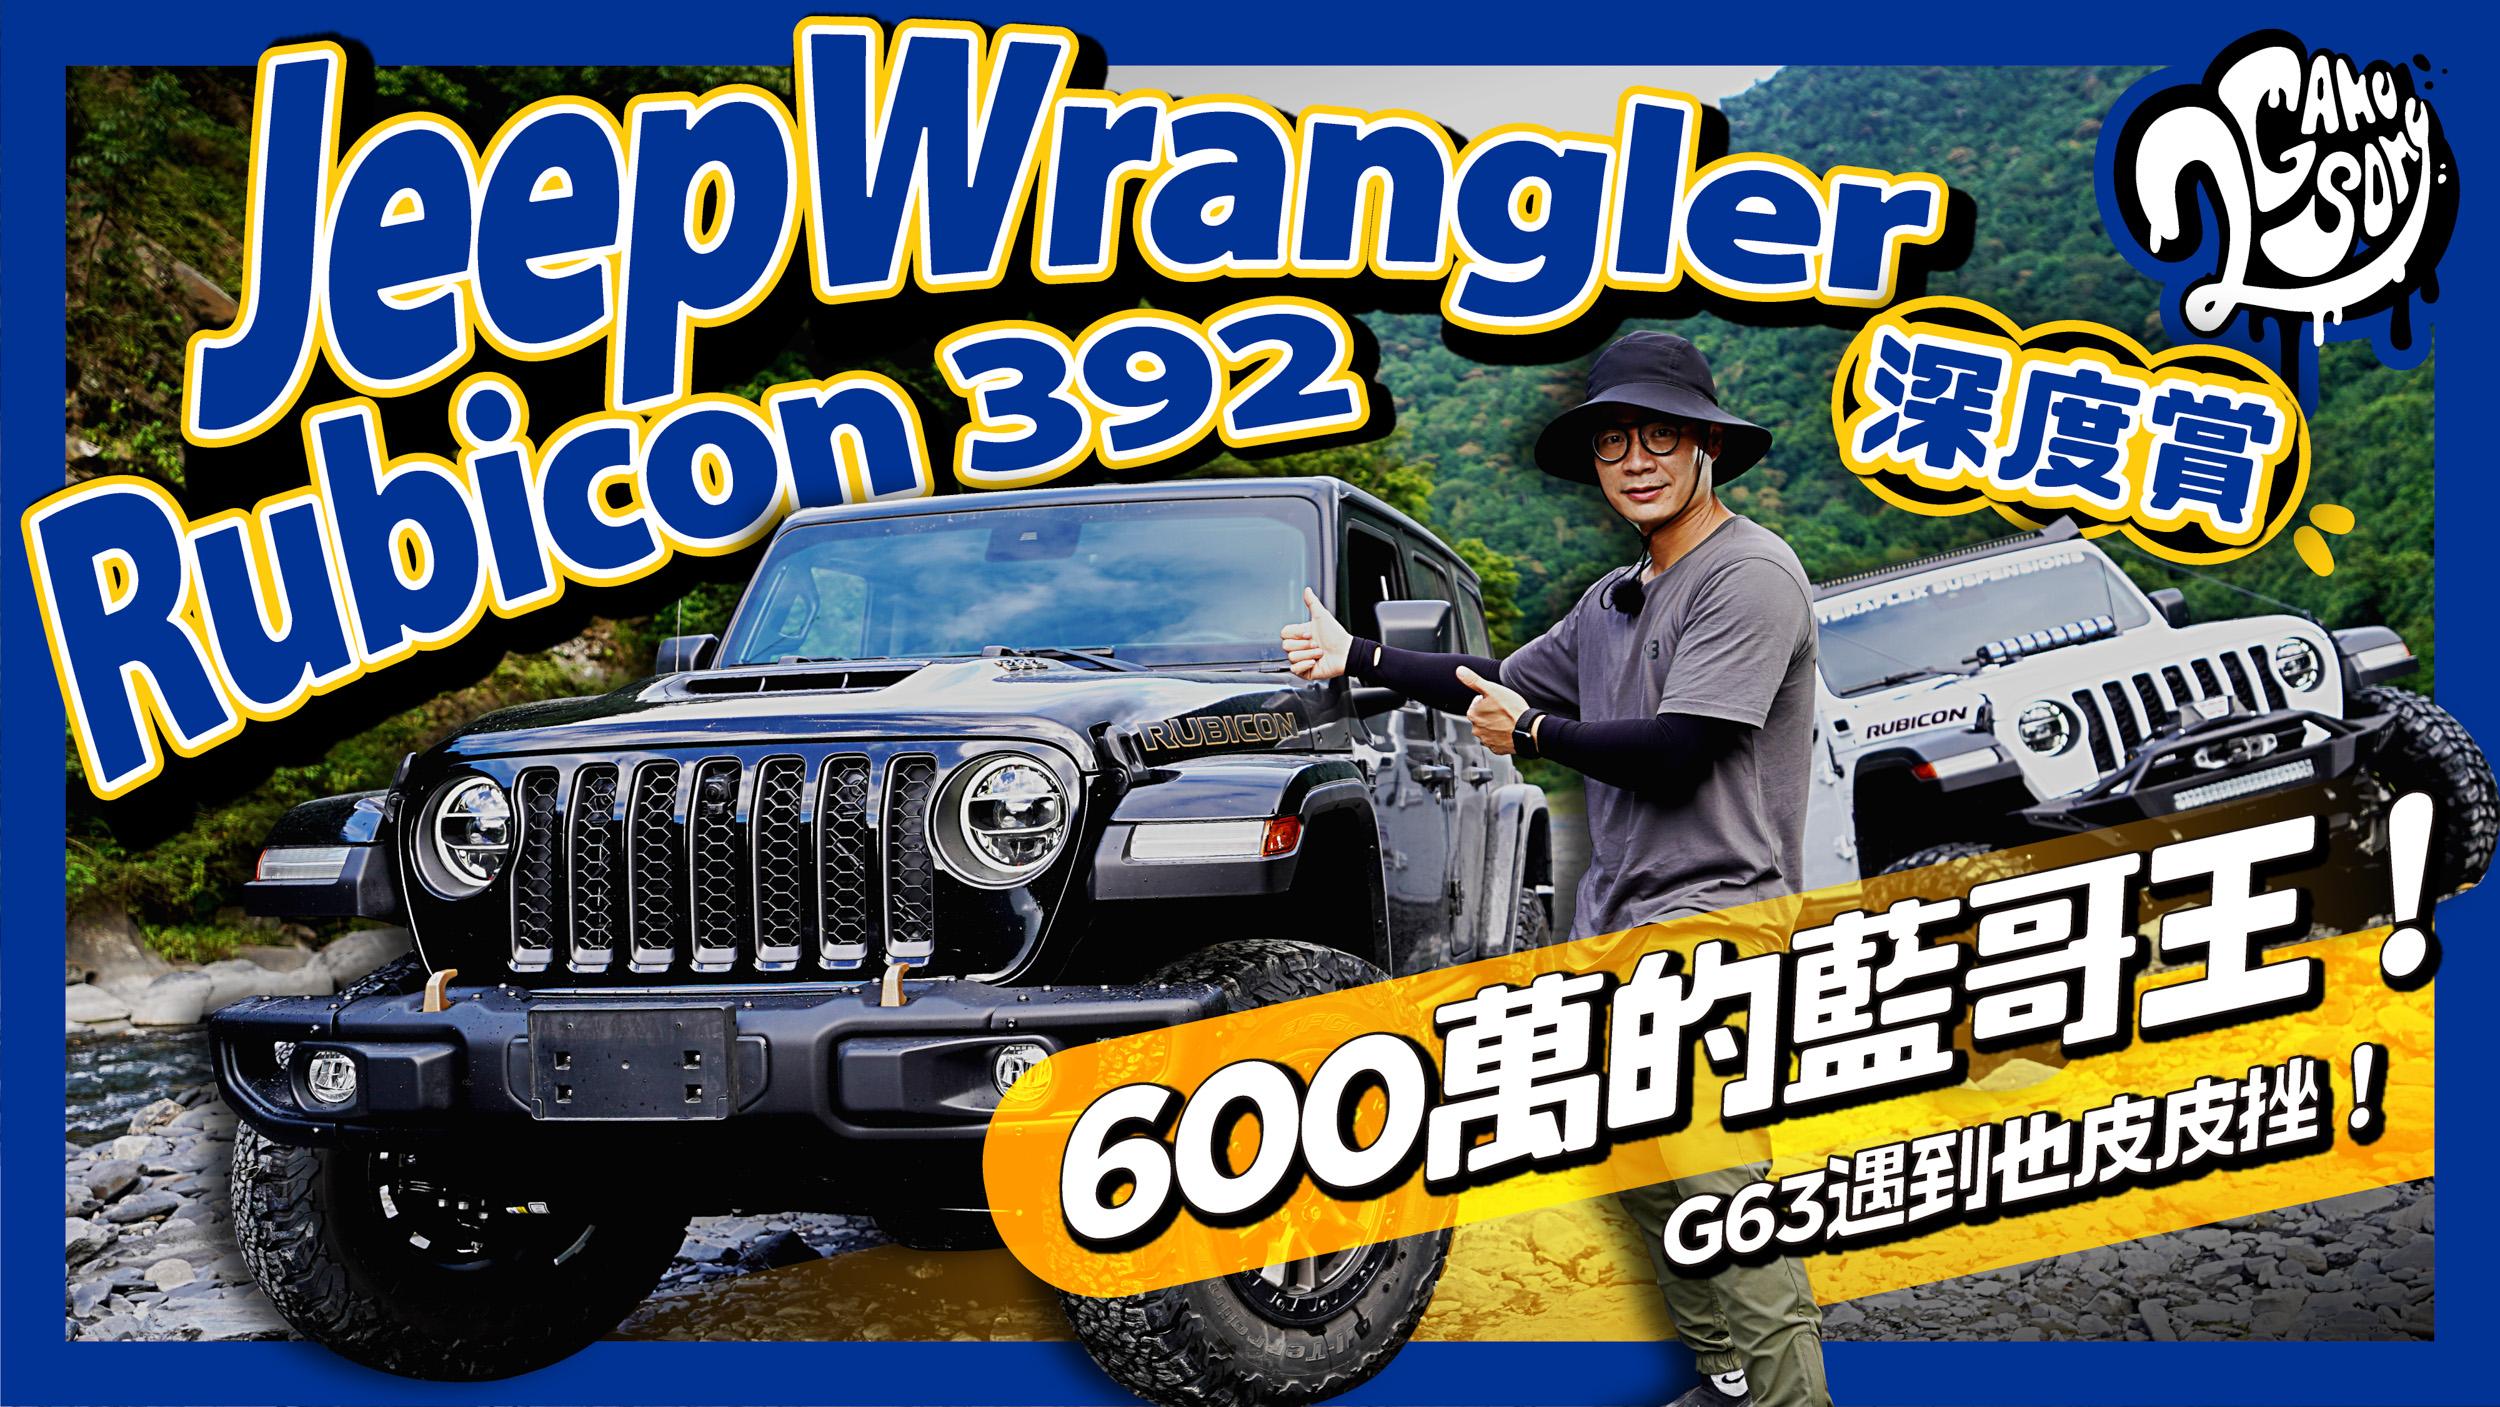 【全台首試】Jeep Wrangler Rubicon 392 深度賞|600萬 / 470 匹馬力的藍哥王!G63 遇到也皮皮挫!